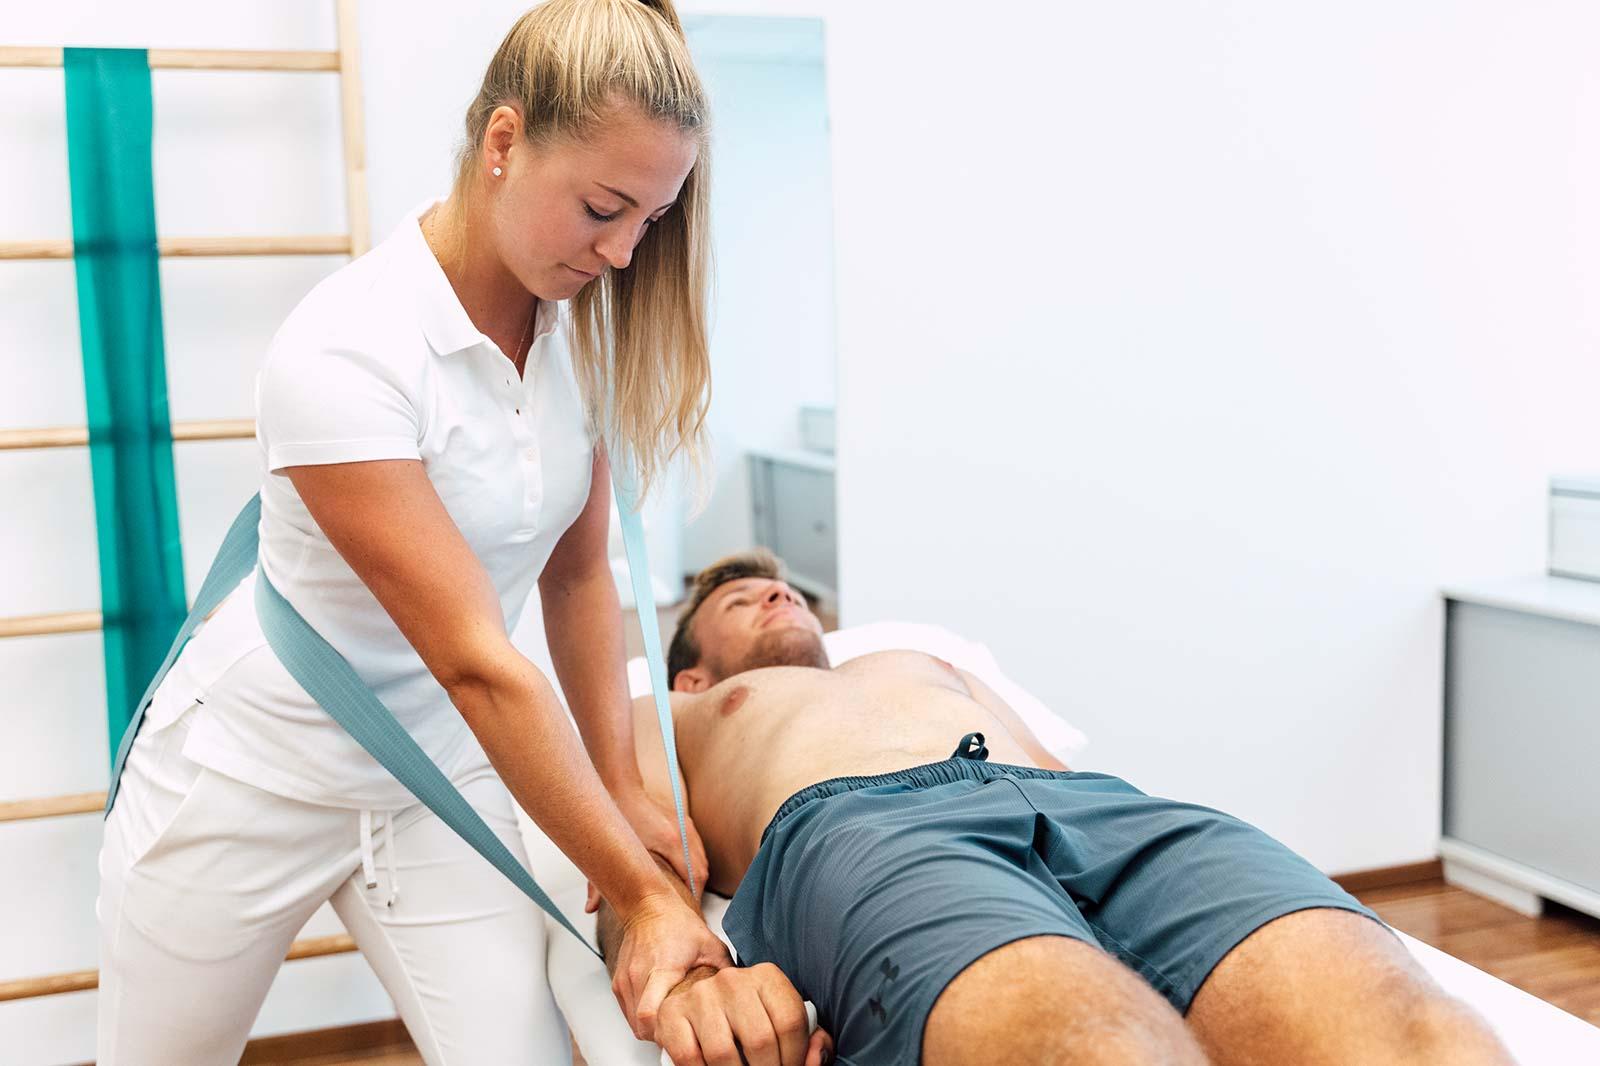 Livia Tasch, Sportartspezifische Therapie und Training im medsyn Wien